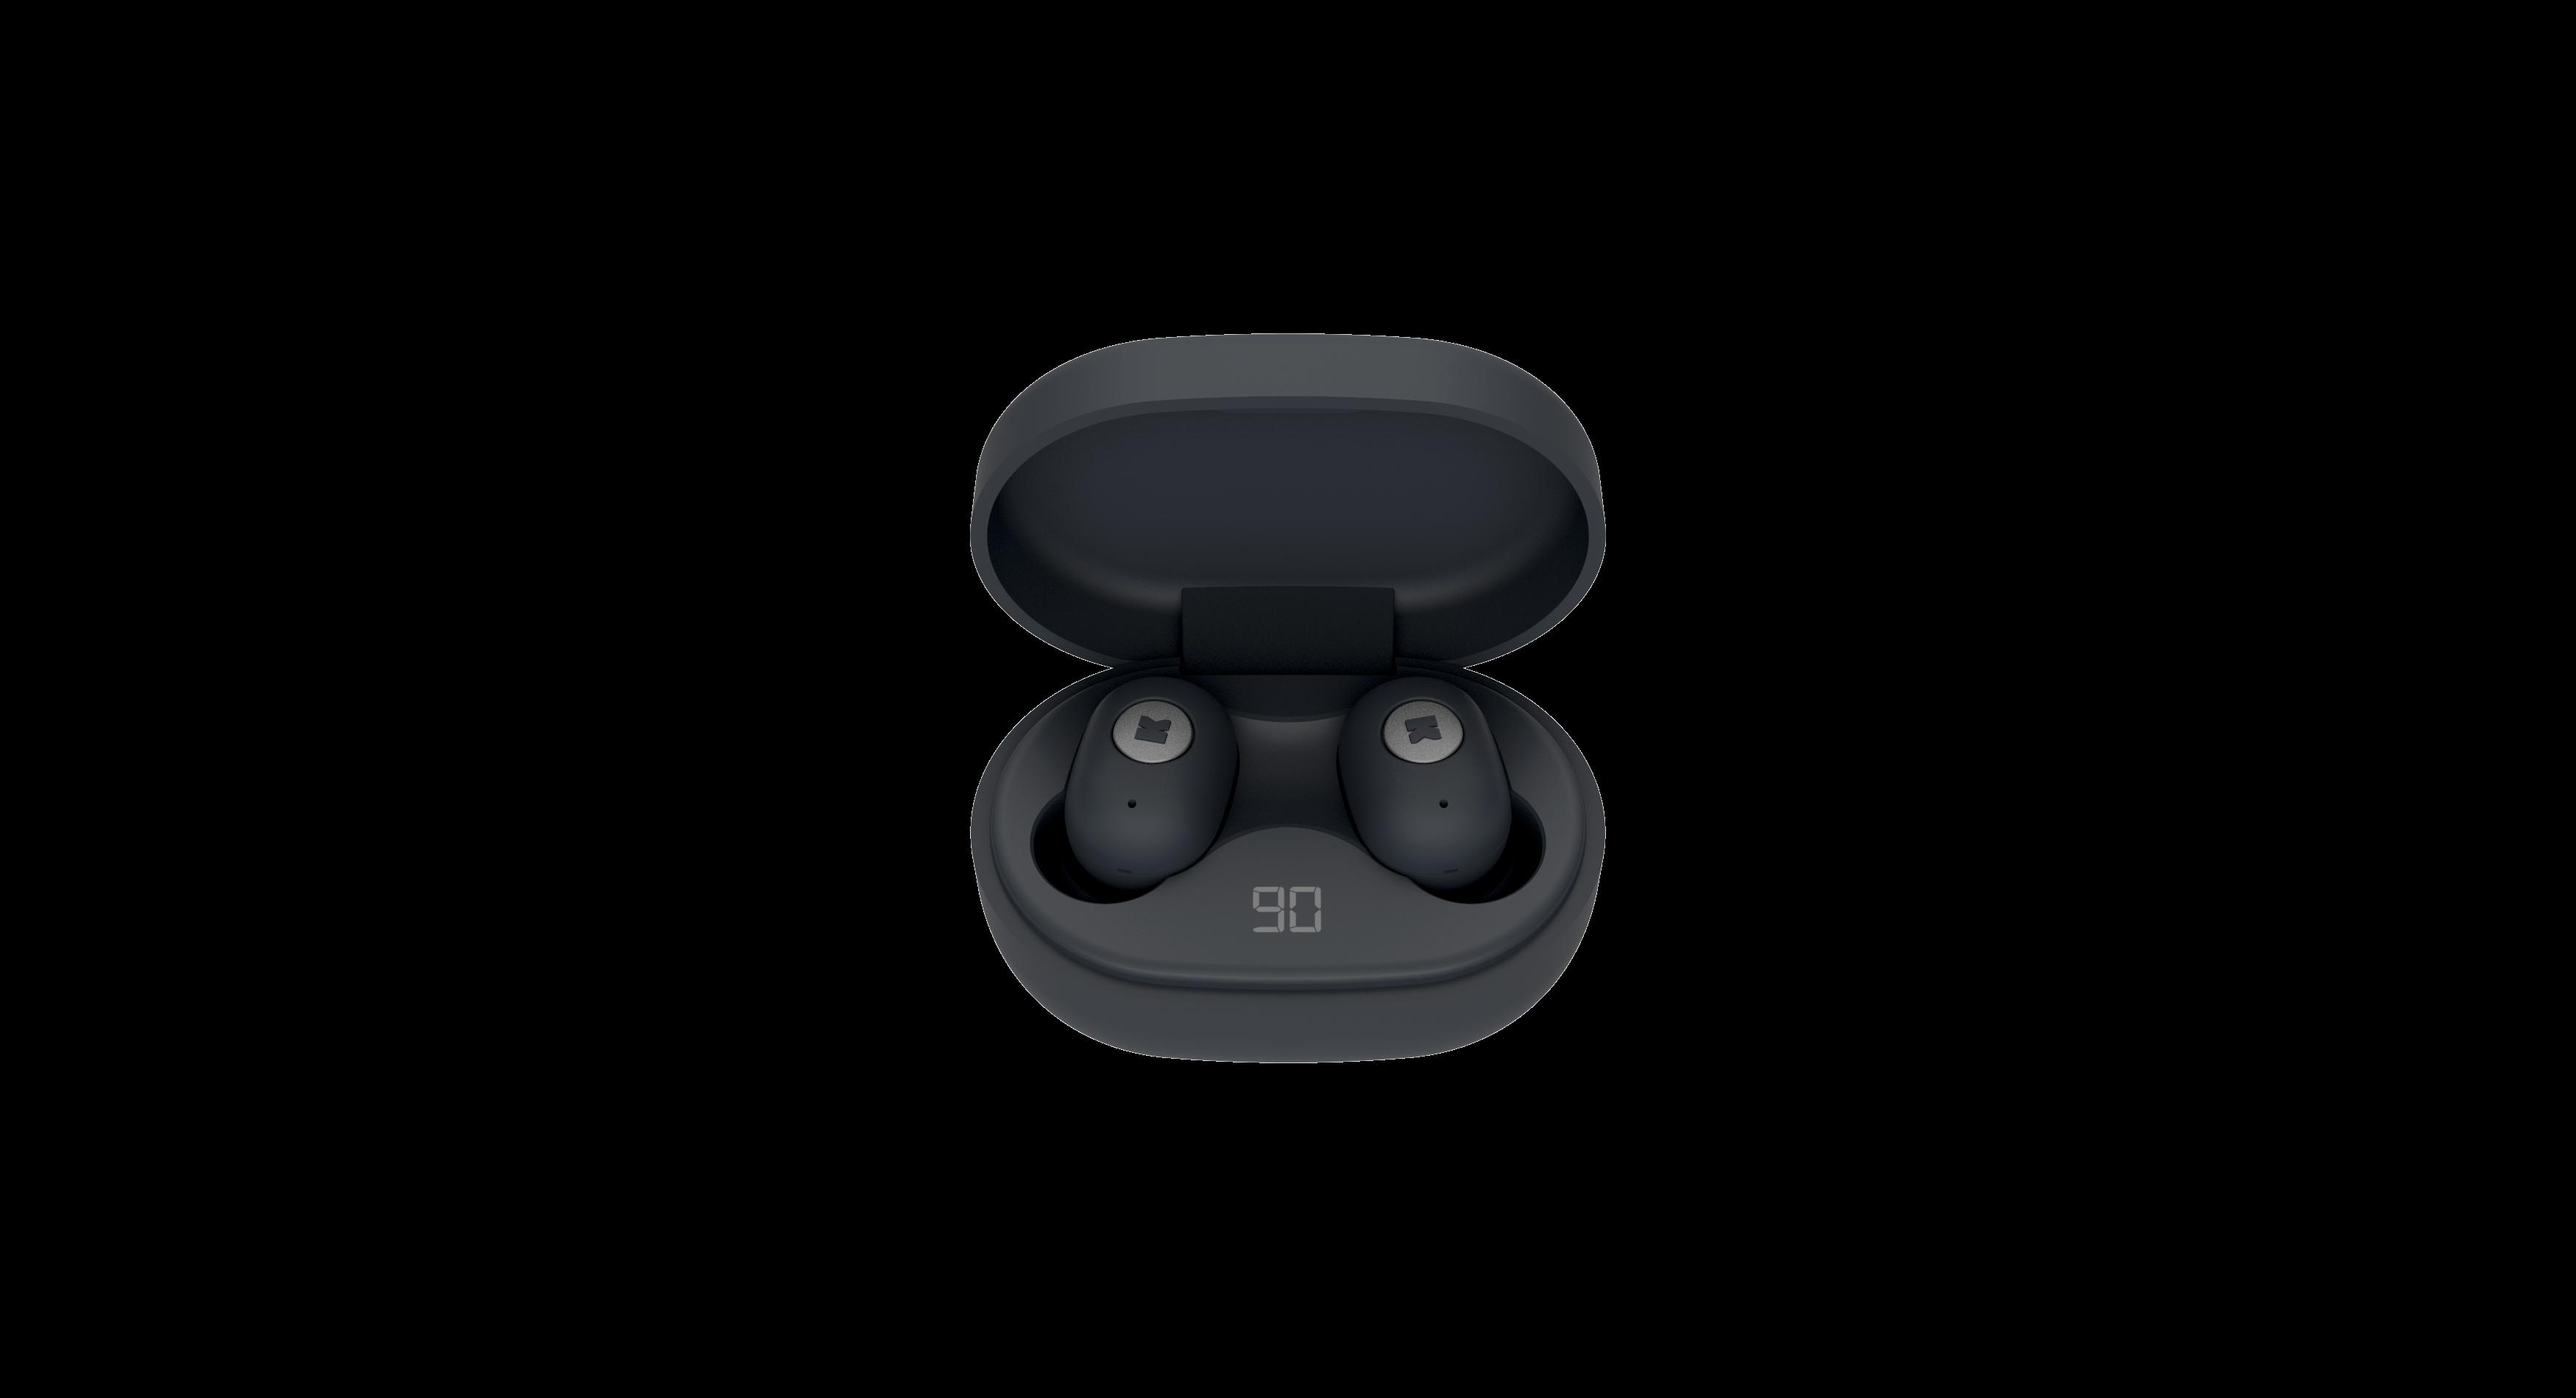 Billede af KreaFunk - aBEAN In-Ear Bluetooth Høretelefoner - Sort Edition